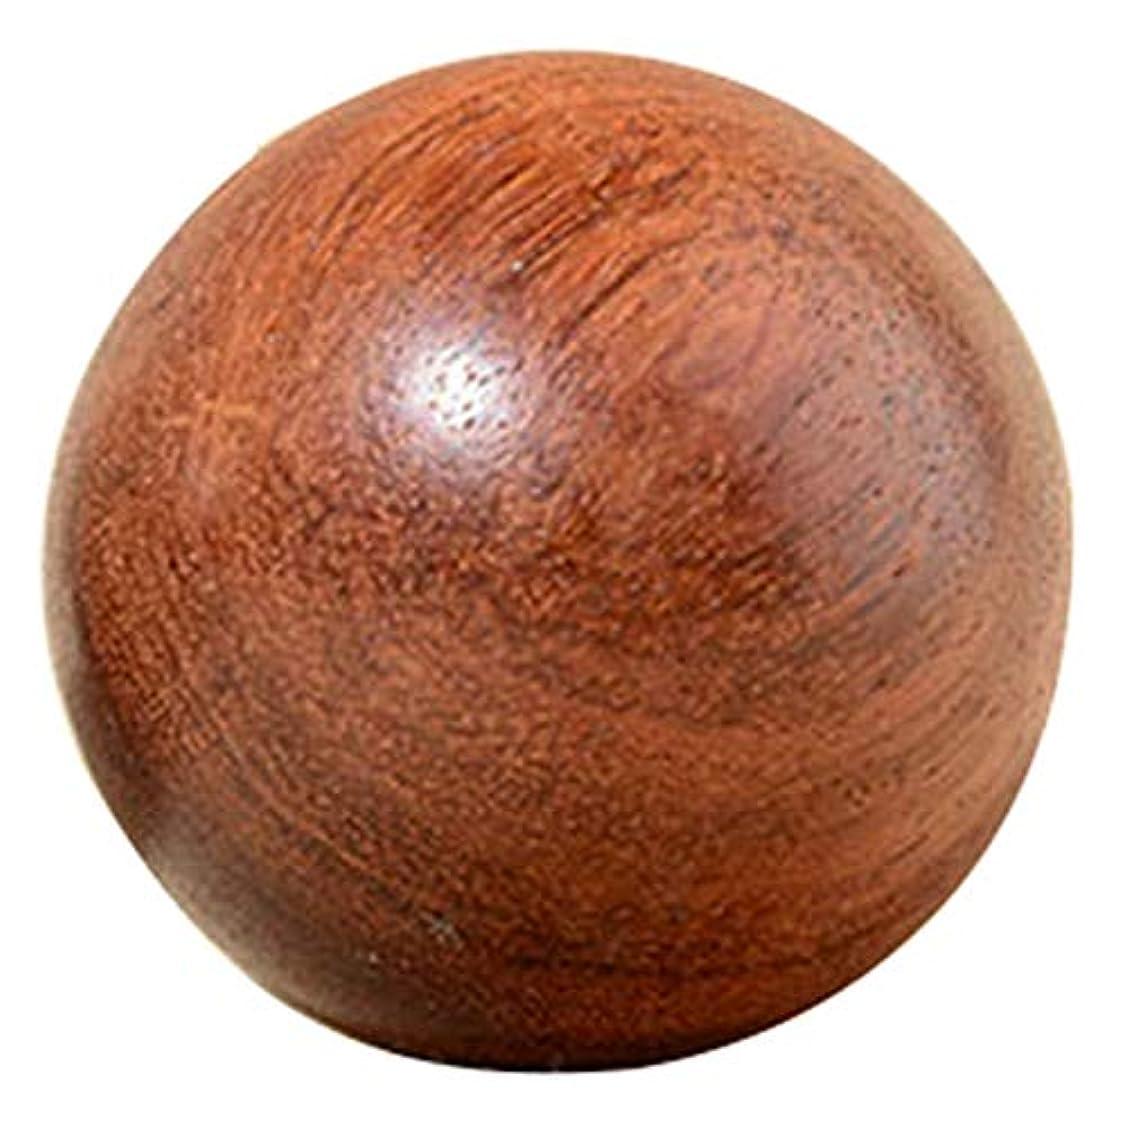 割り当てます血統樹皮ACAMPTAR 5Cm 木製圧力Baodingボール、健康運動用ハンドボール、指のマッサージ、中国健康瞑想リラクゼーション療法